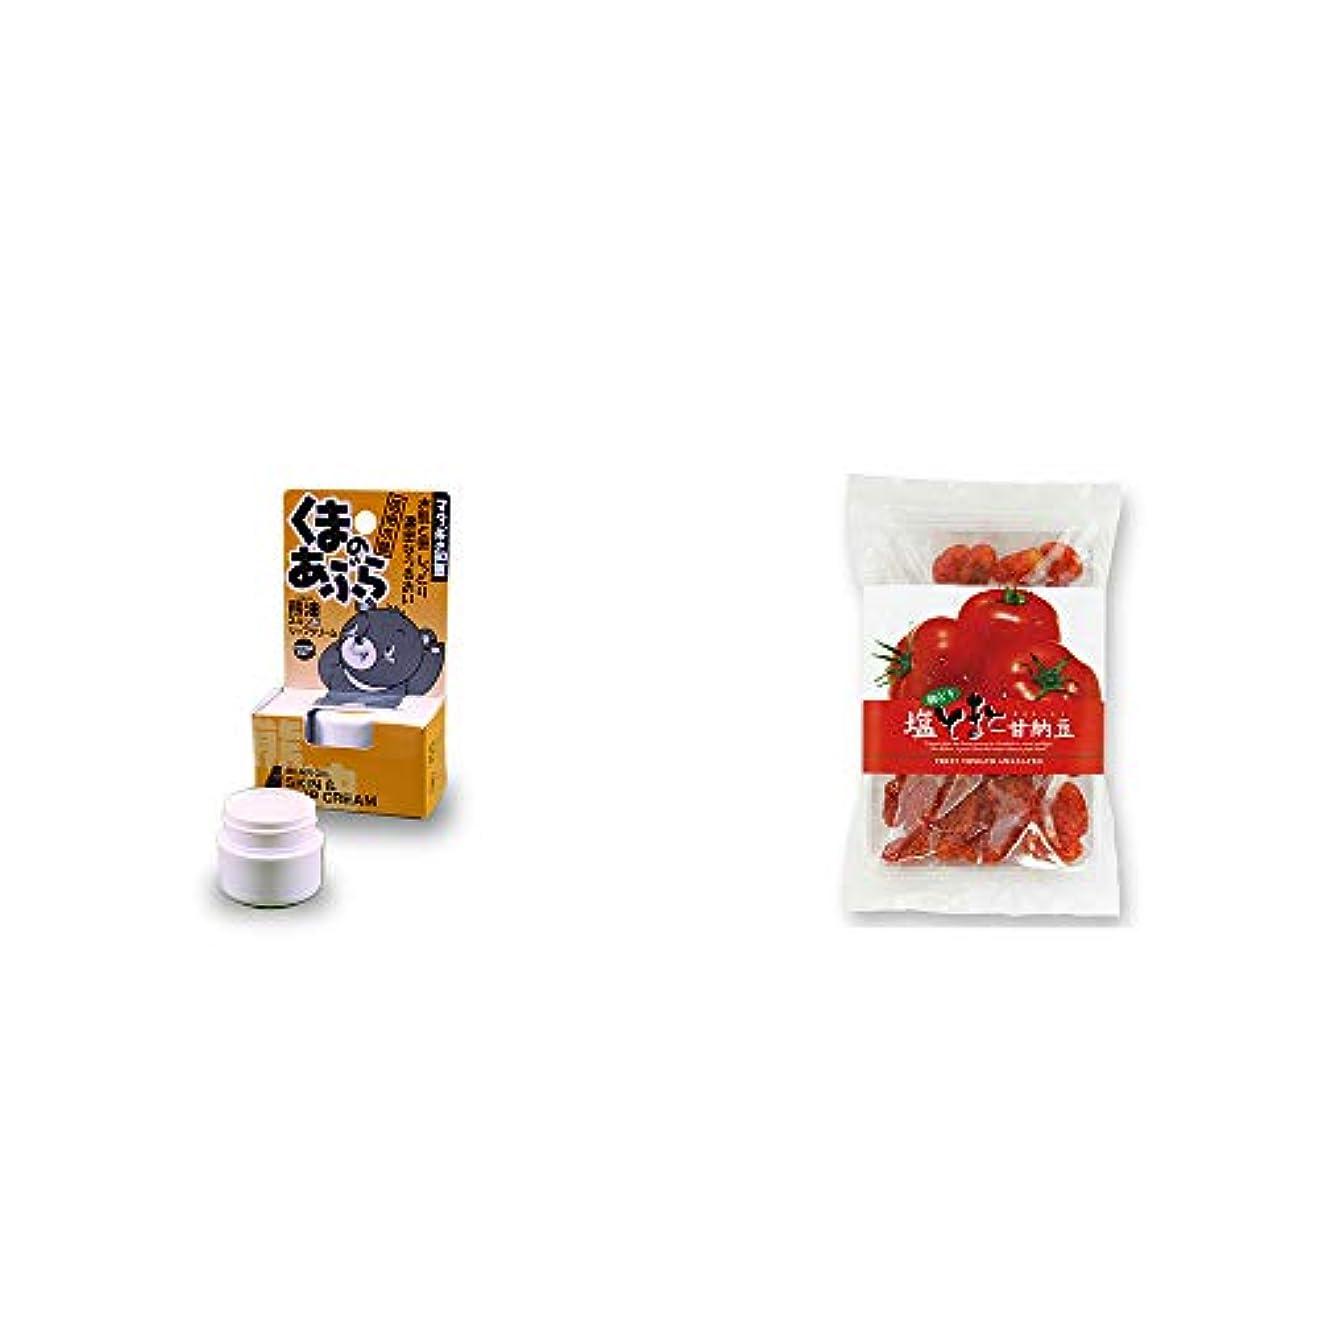 階下裁判所グラム[2点セット] 信州木曽 くまのあぶら 熊油スキン&リップクリーム(9g)?朝どり 塩とまと甘納豆(150g)